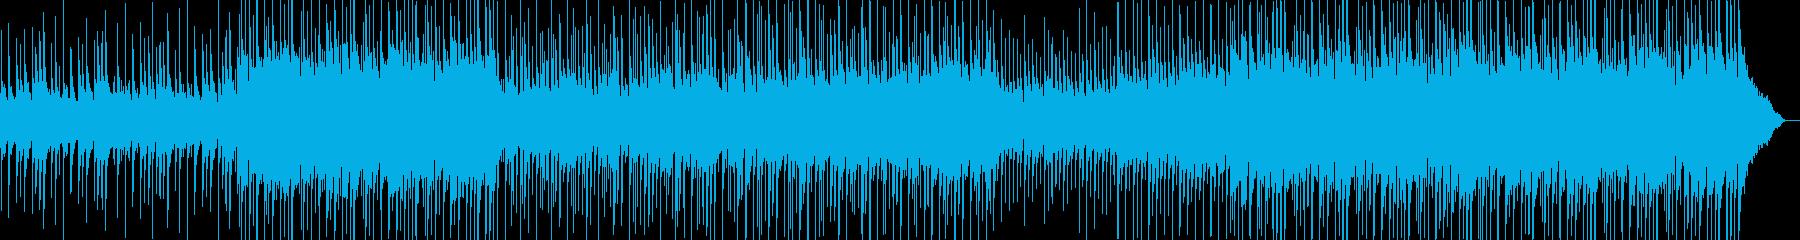 高揚感ある綺麗めな明るいメロディの再生済みの波形